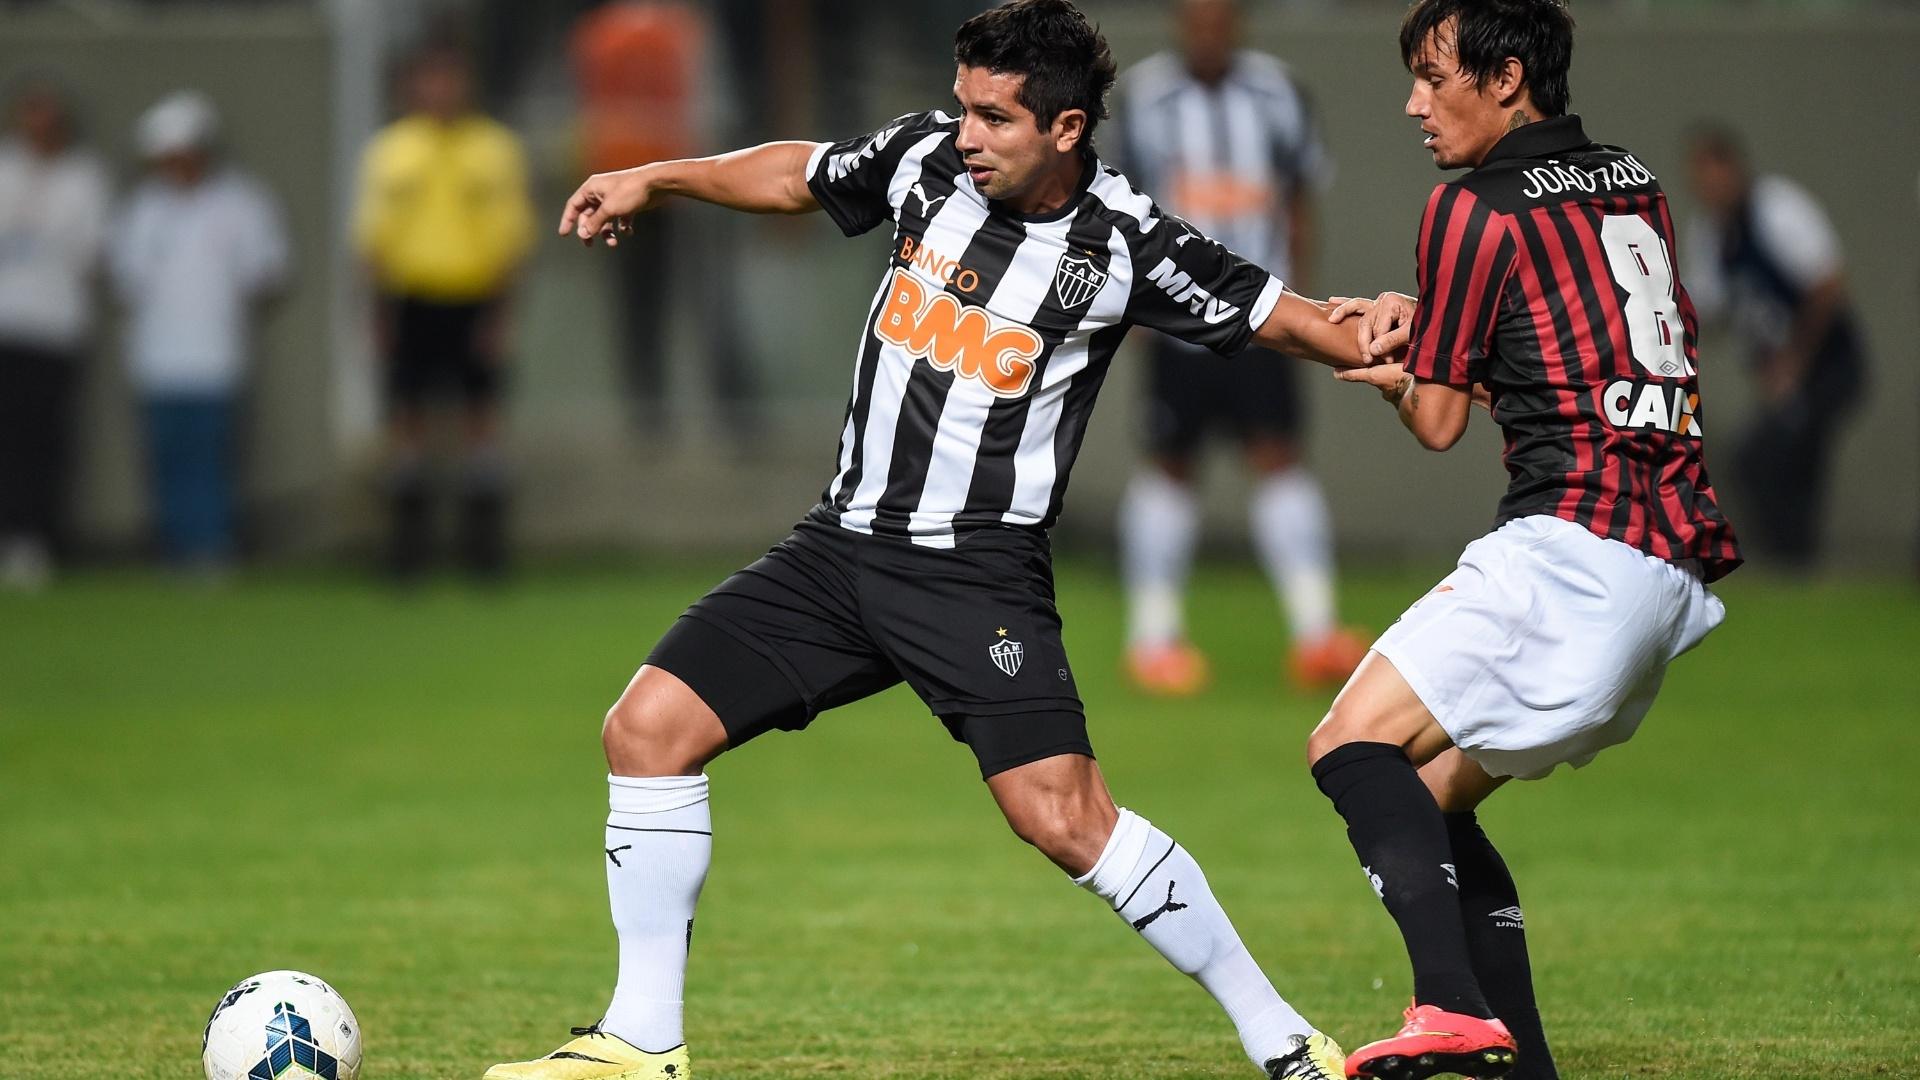 Substituto de Ronaldinho, Guilherme encara a marcação do Atlético-PR em jogo do Atlético-MG